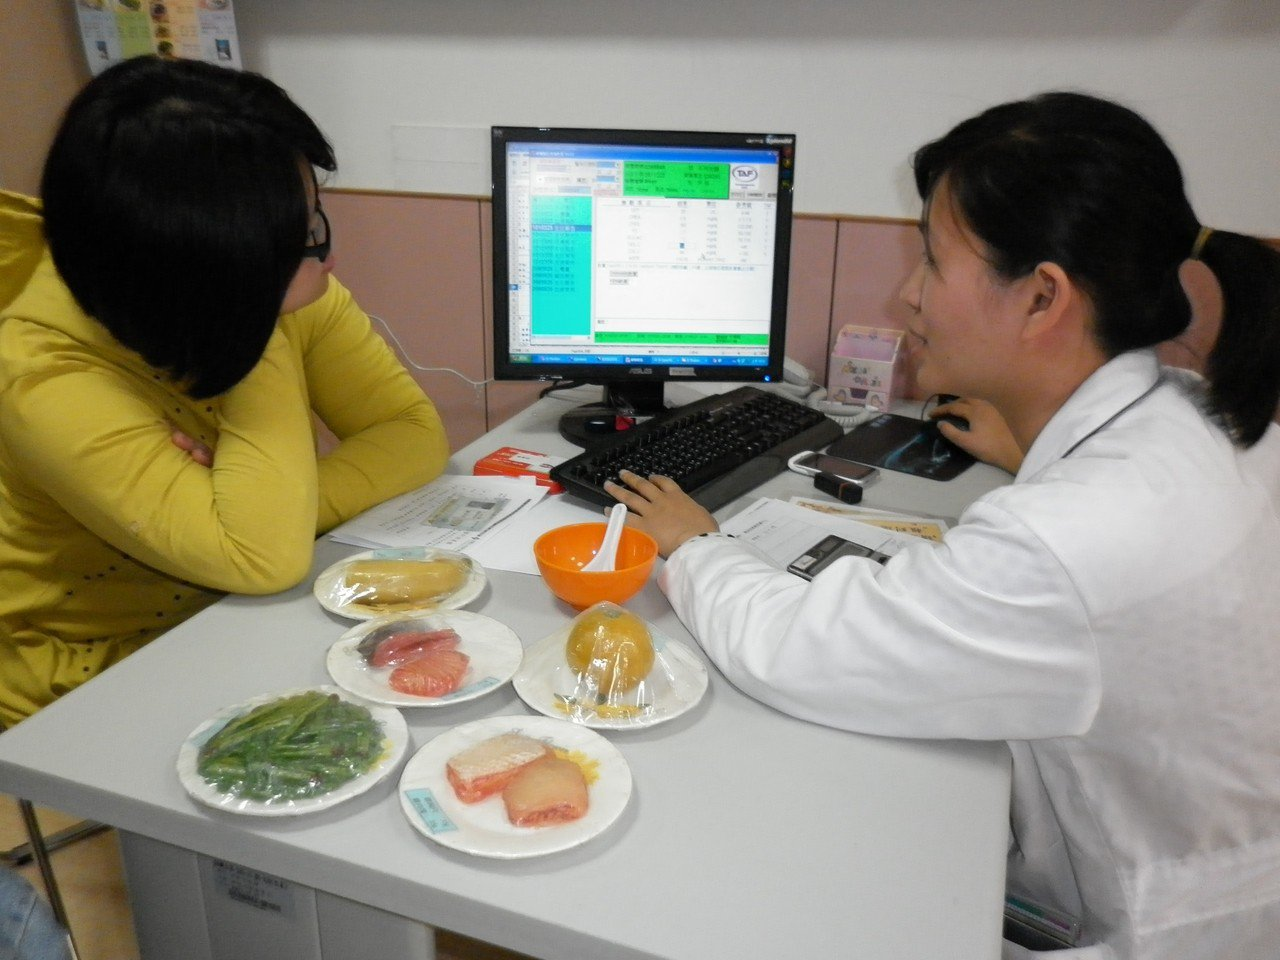 慢性病人可跟營養師洽詢正確飲食並學習份量的掌握。 圖/彰濱秀傳醫院提供